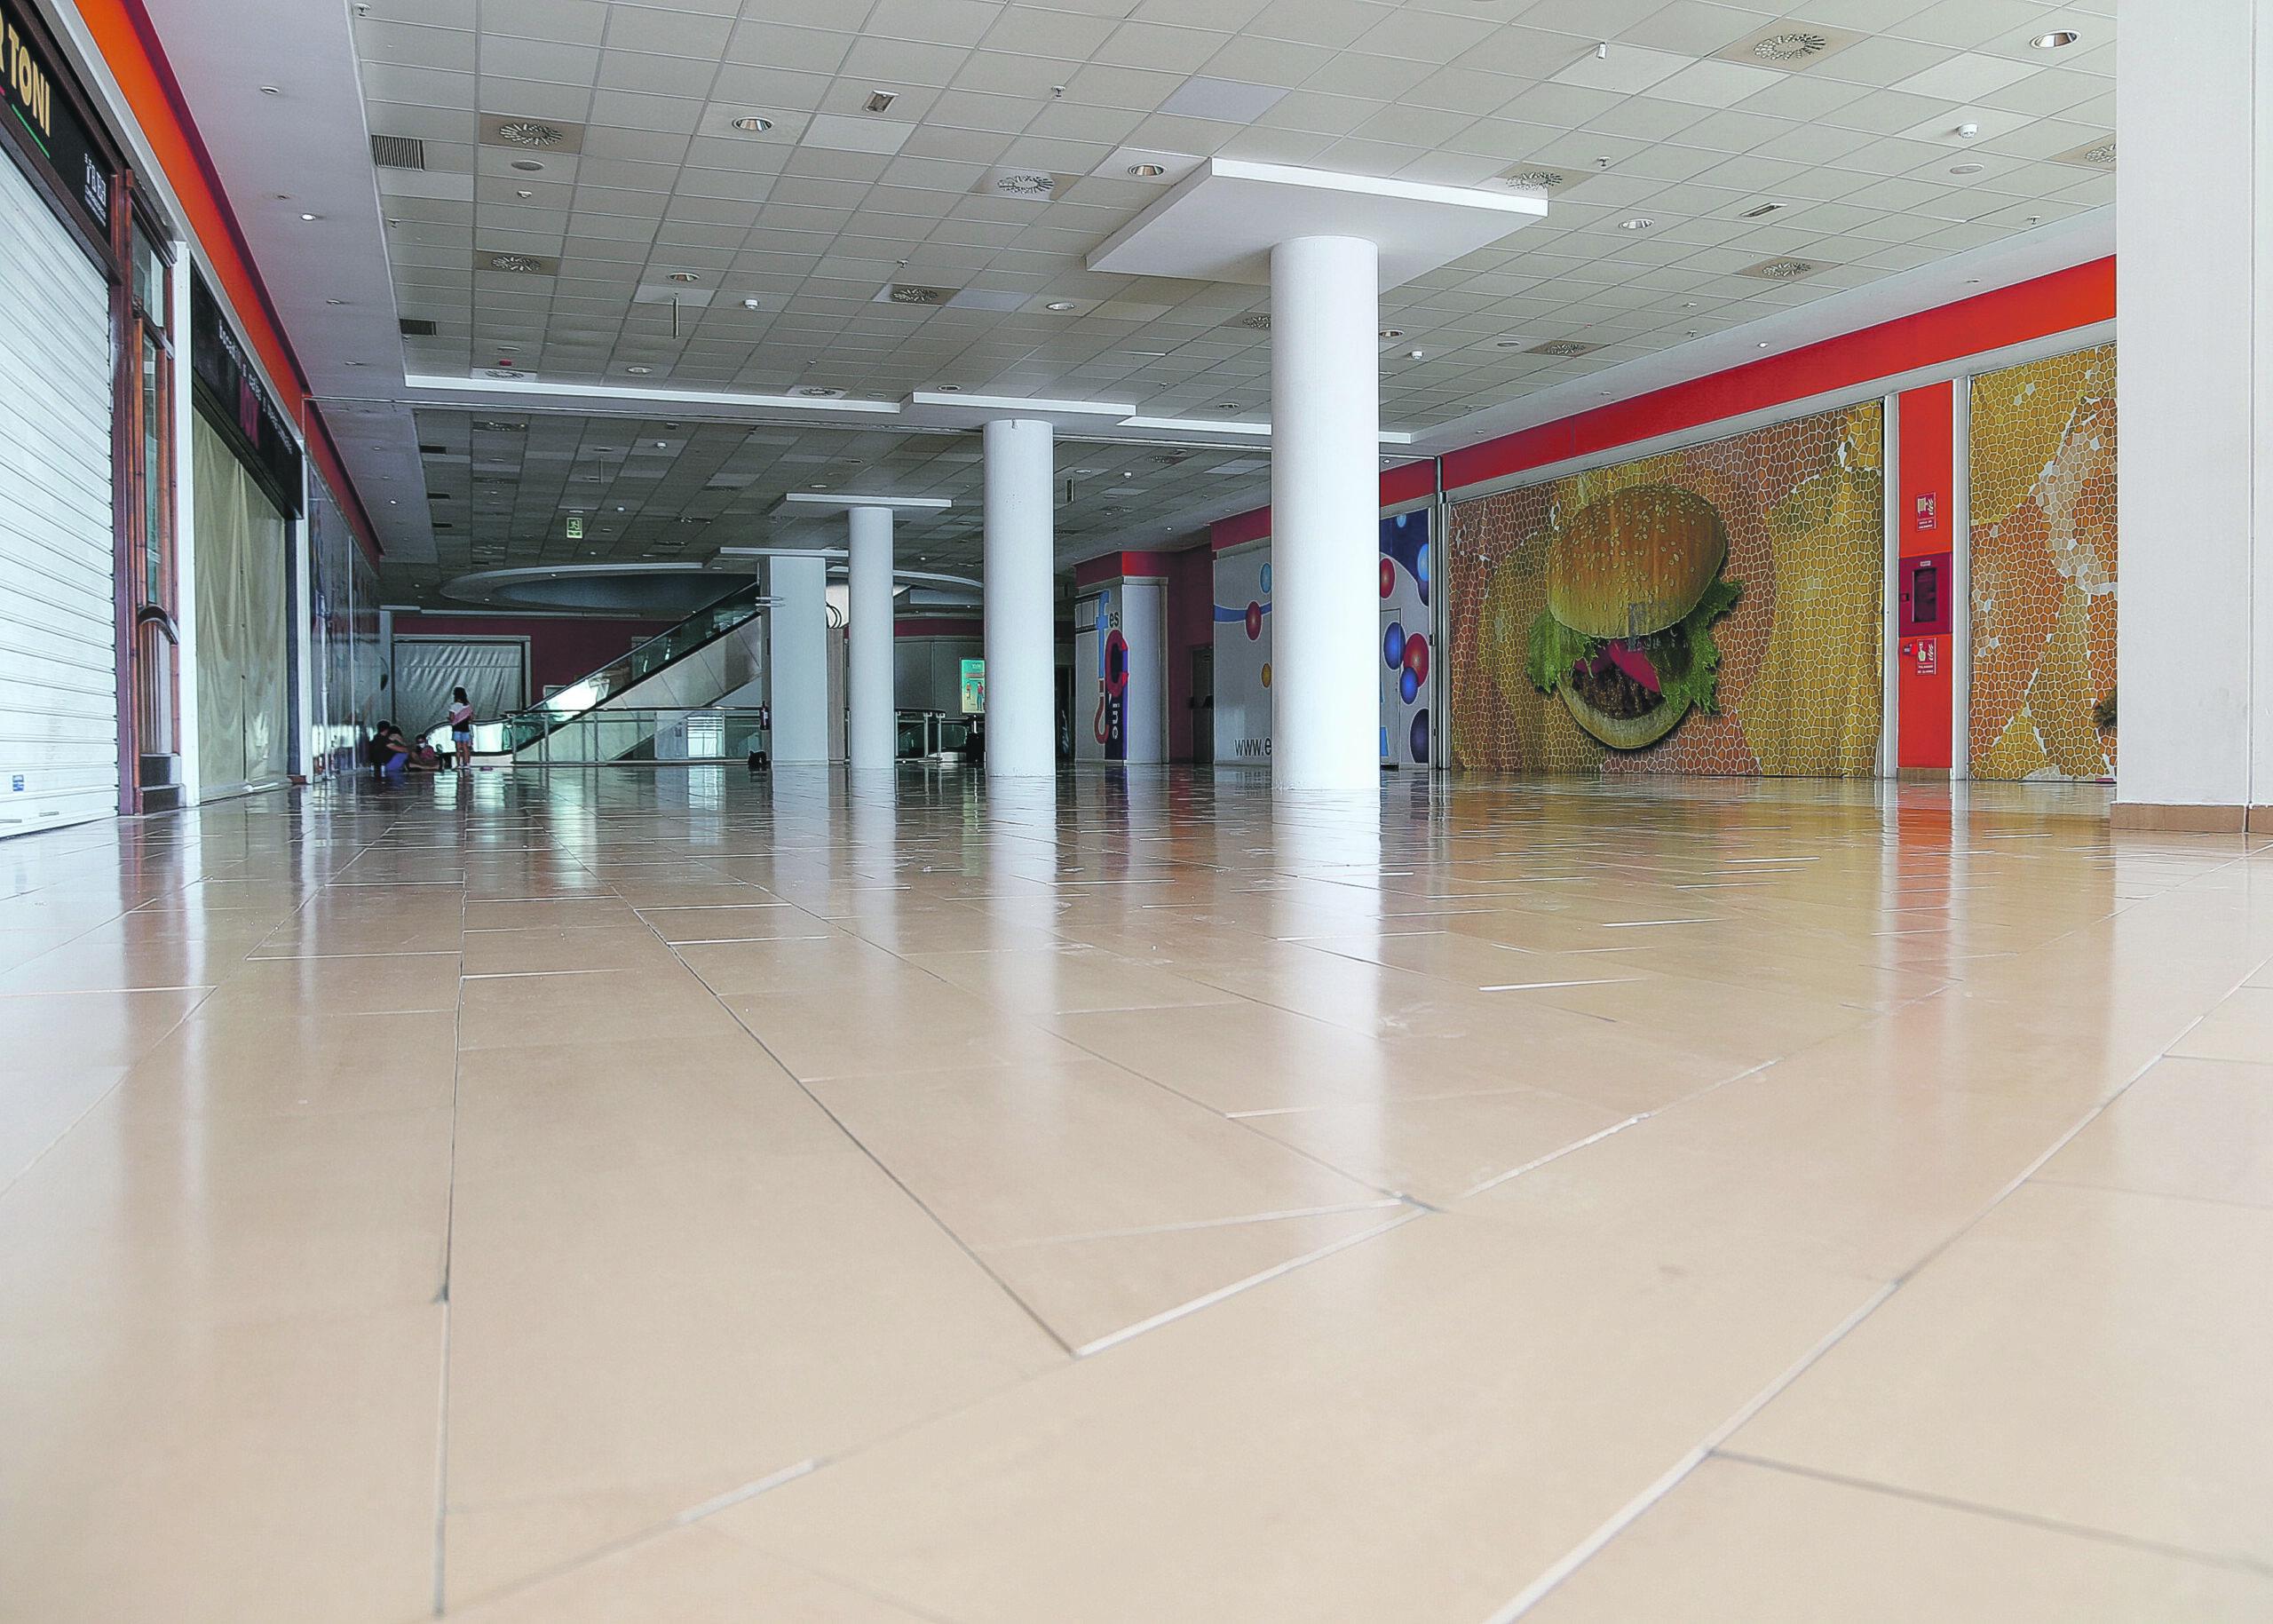 Revolució en El Teler: oficines i hostaleria en la 3a planta El Periòdic d'Ontinyent - Noticies a Ontinyent